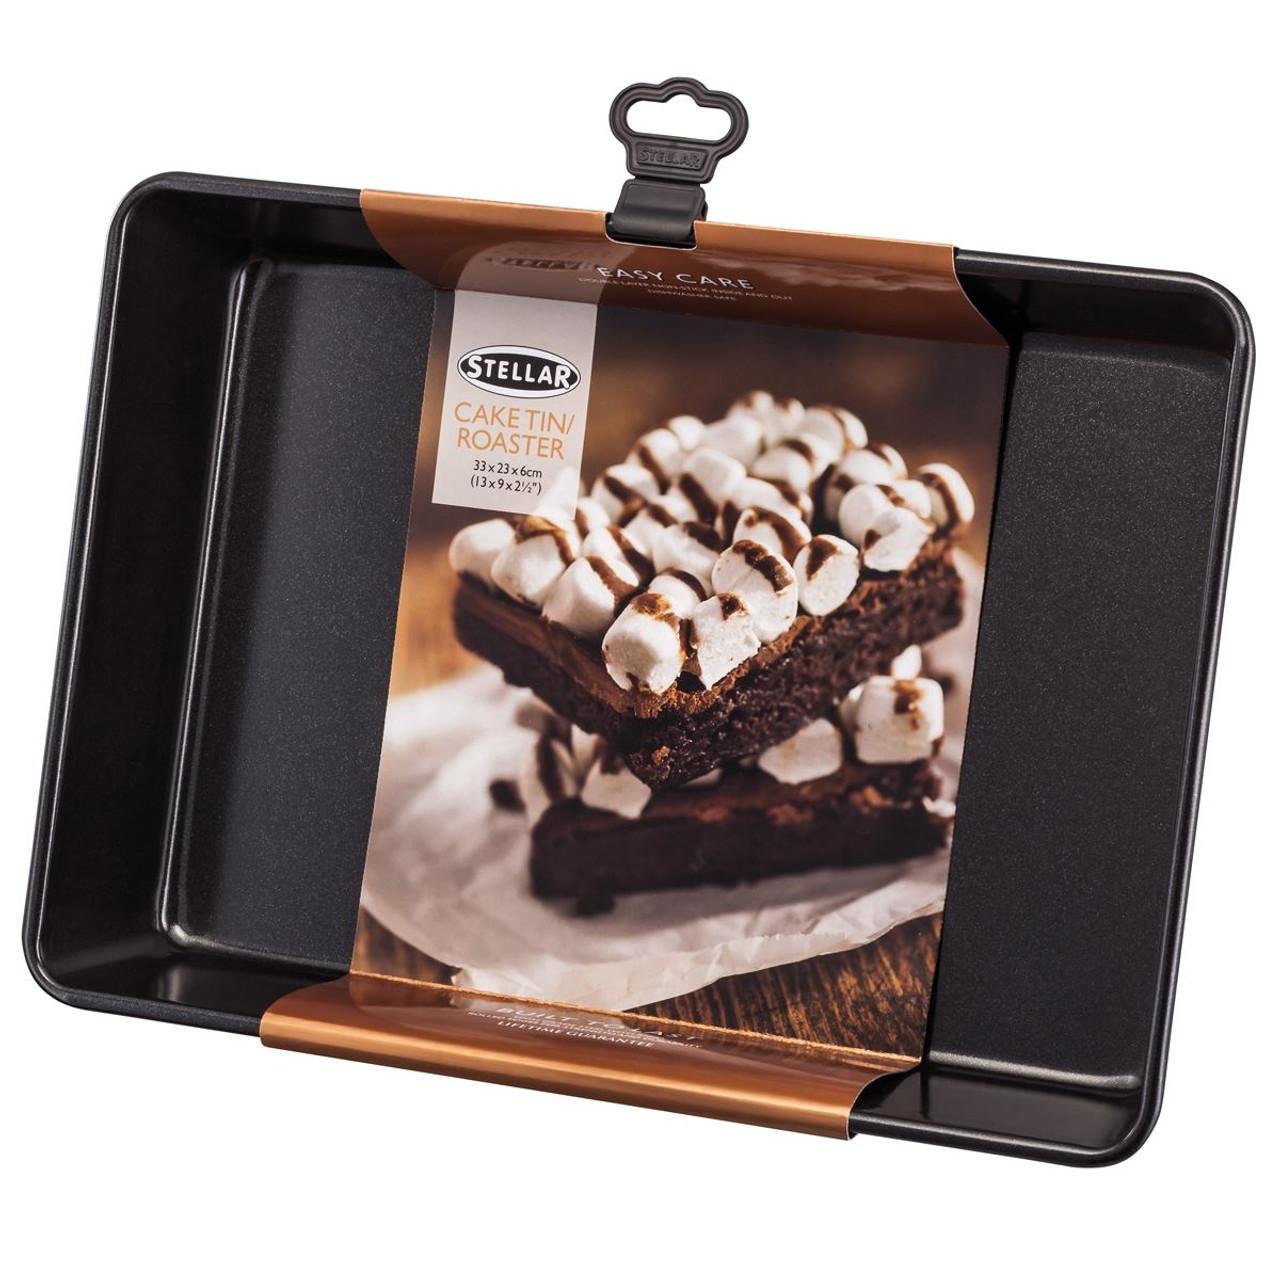 Stellar Cake Tin / Roaster